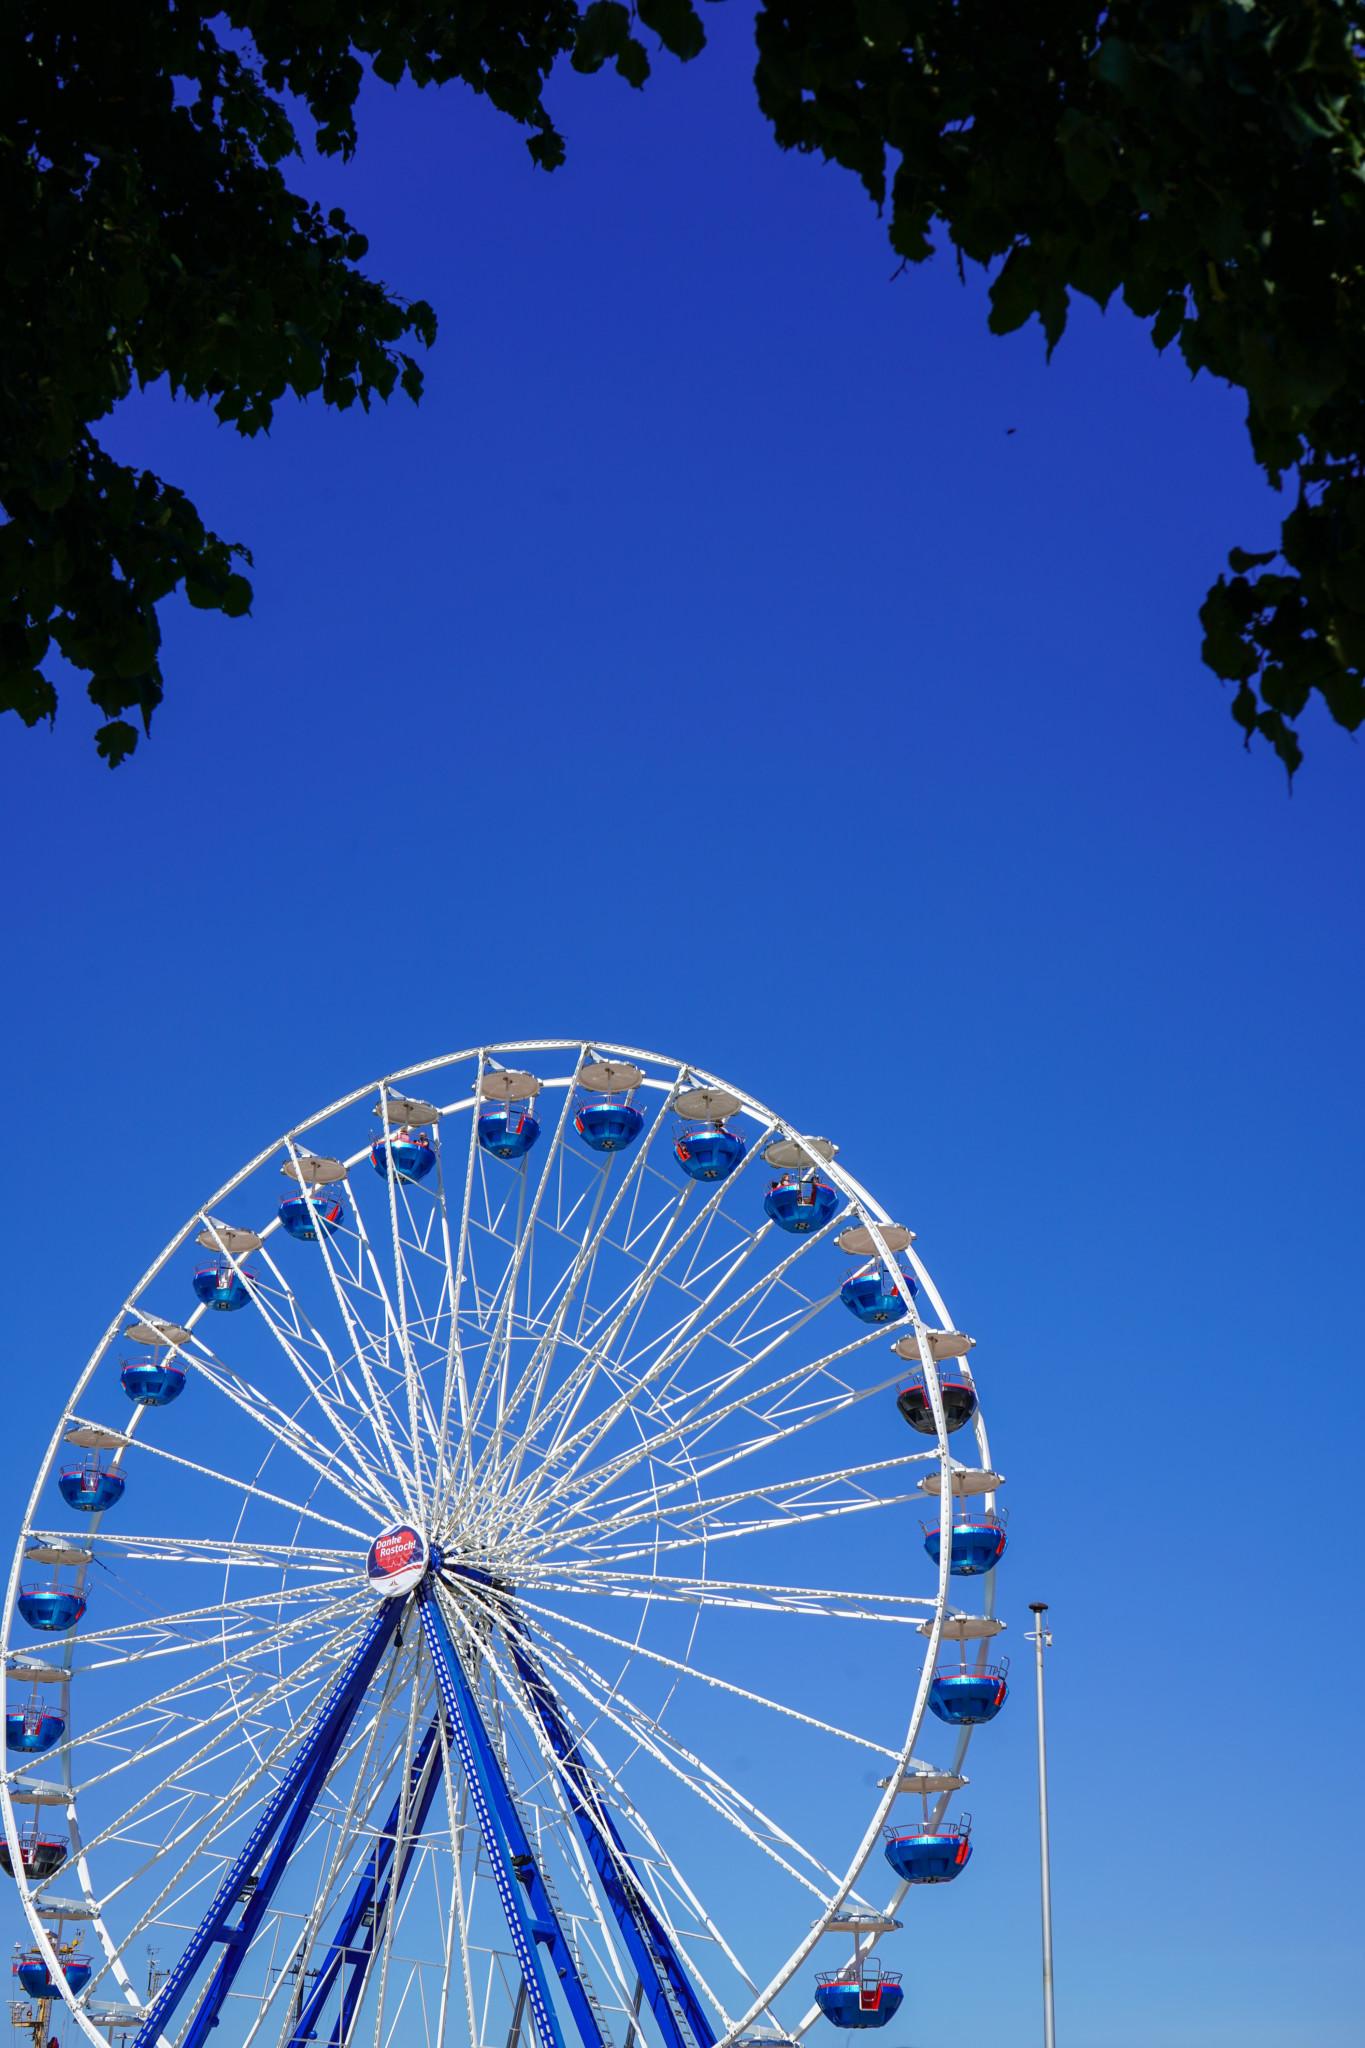 Riesenrad im Stadthafen von Rostock